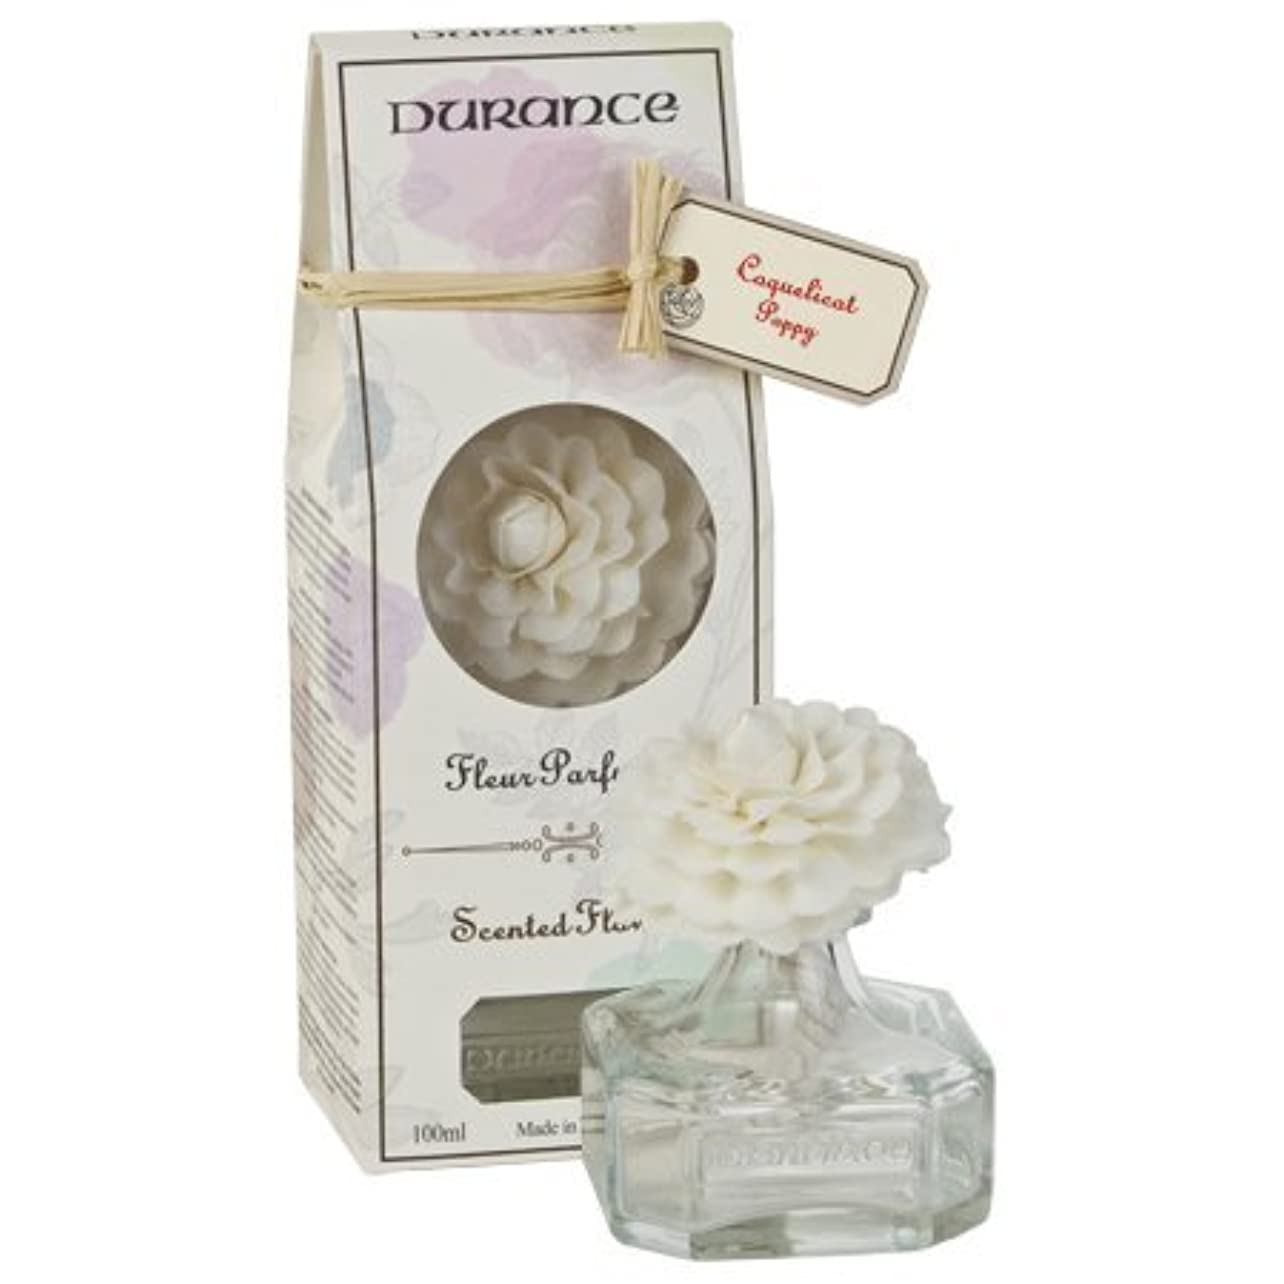 供給バブル脚本家DURANCEデュランス カメリアフラワーブーケ100ml コクリコの香り ルームフレグランス 芳香剤